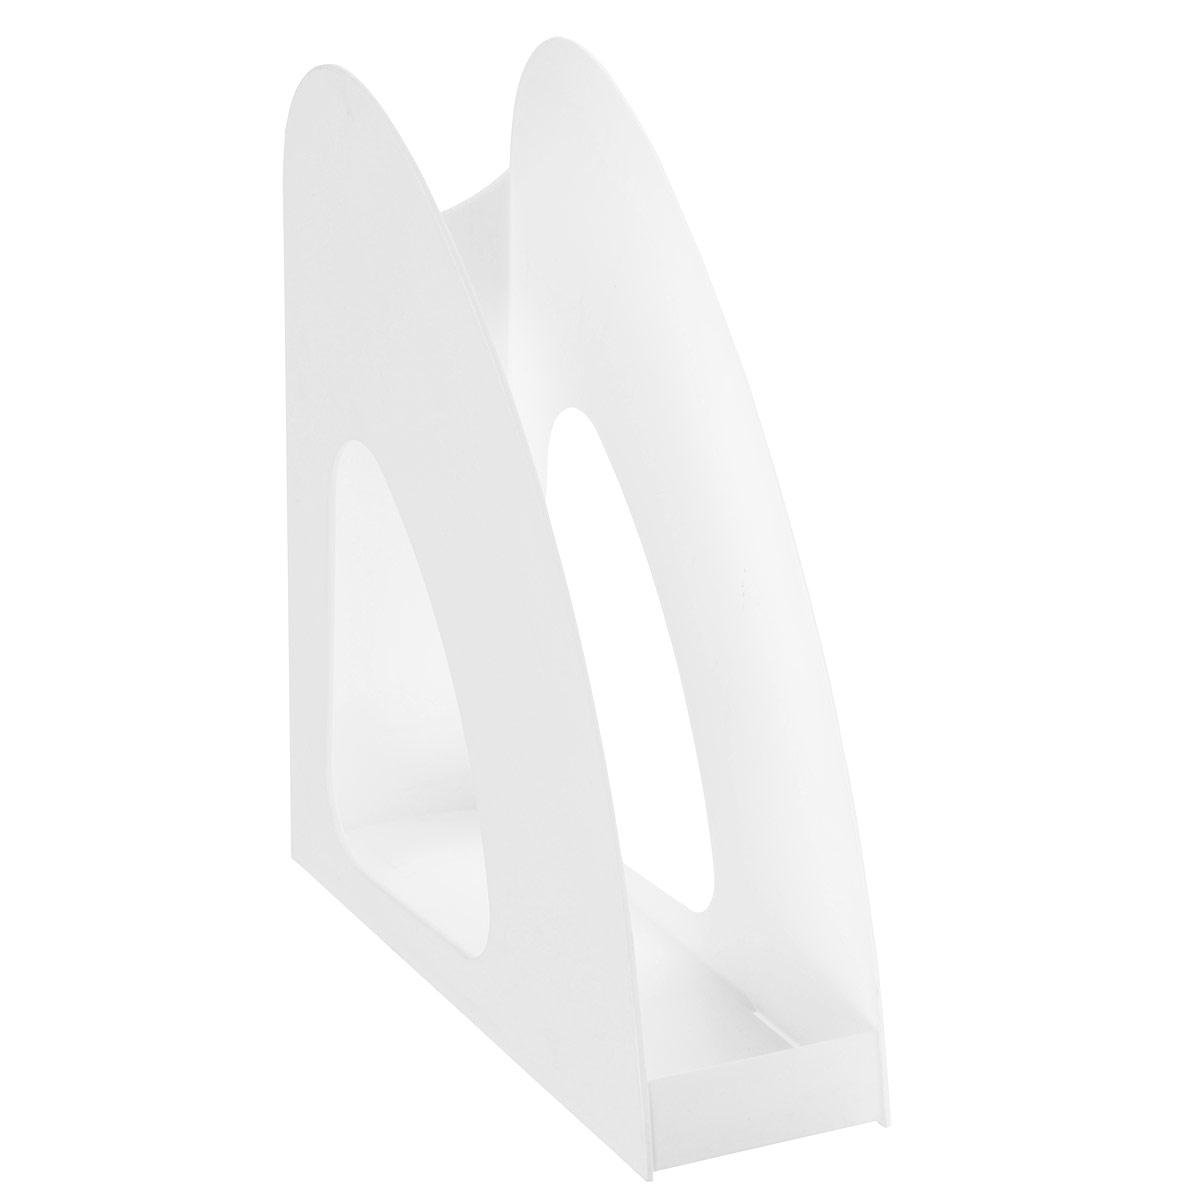 Вертикальный лоток для бумаг HAN Twin с оригинальным дизайном корпуса поможет вам навести порядок на столе и сэкономить пространство. Лоток изготовлен из высококачественного антистатического непрозрачного пластика. Низкий передний порог облегчает изъятие документов из накопителя. Благодаря лотку для бумаг, важные бумаги и документы всегда будут под рукой.